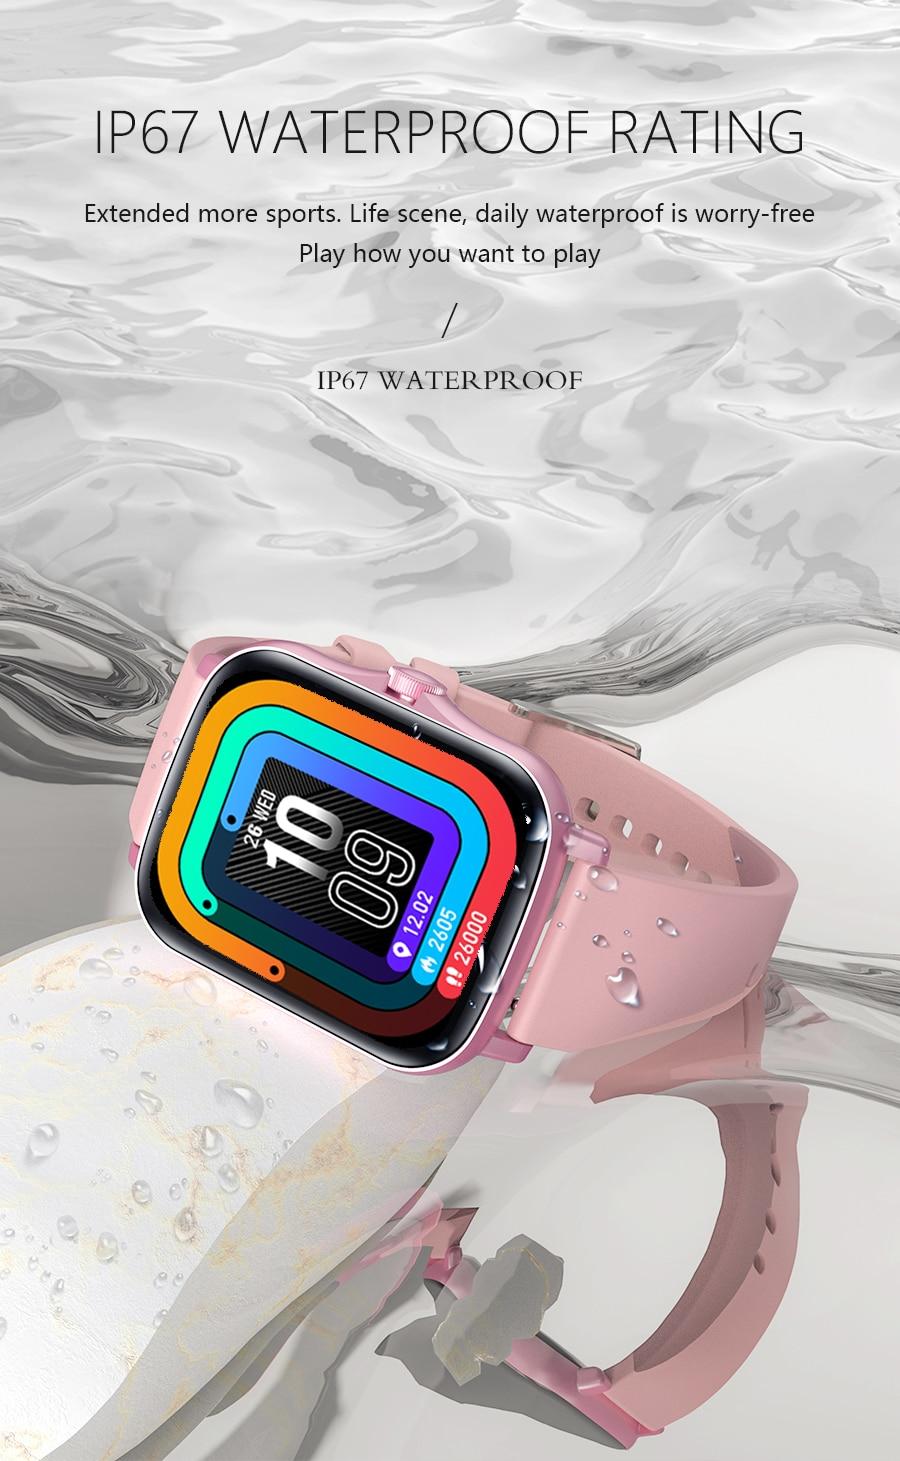 H94a9746fe4c14dc6a6ab6fee4d2747d7U Full Touch Y20 Sport Smart Watch Men Women IP68 custom dial Heart Rate Fitness Tracker Smartwatch wristwatch GTS 2 P8 plus